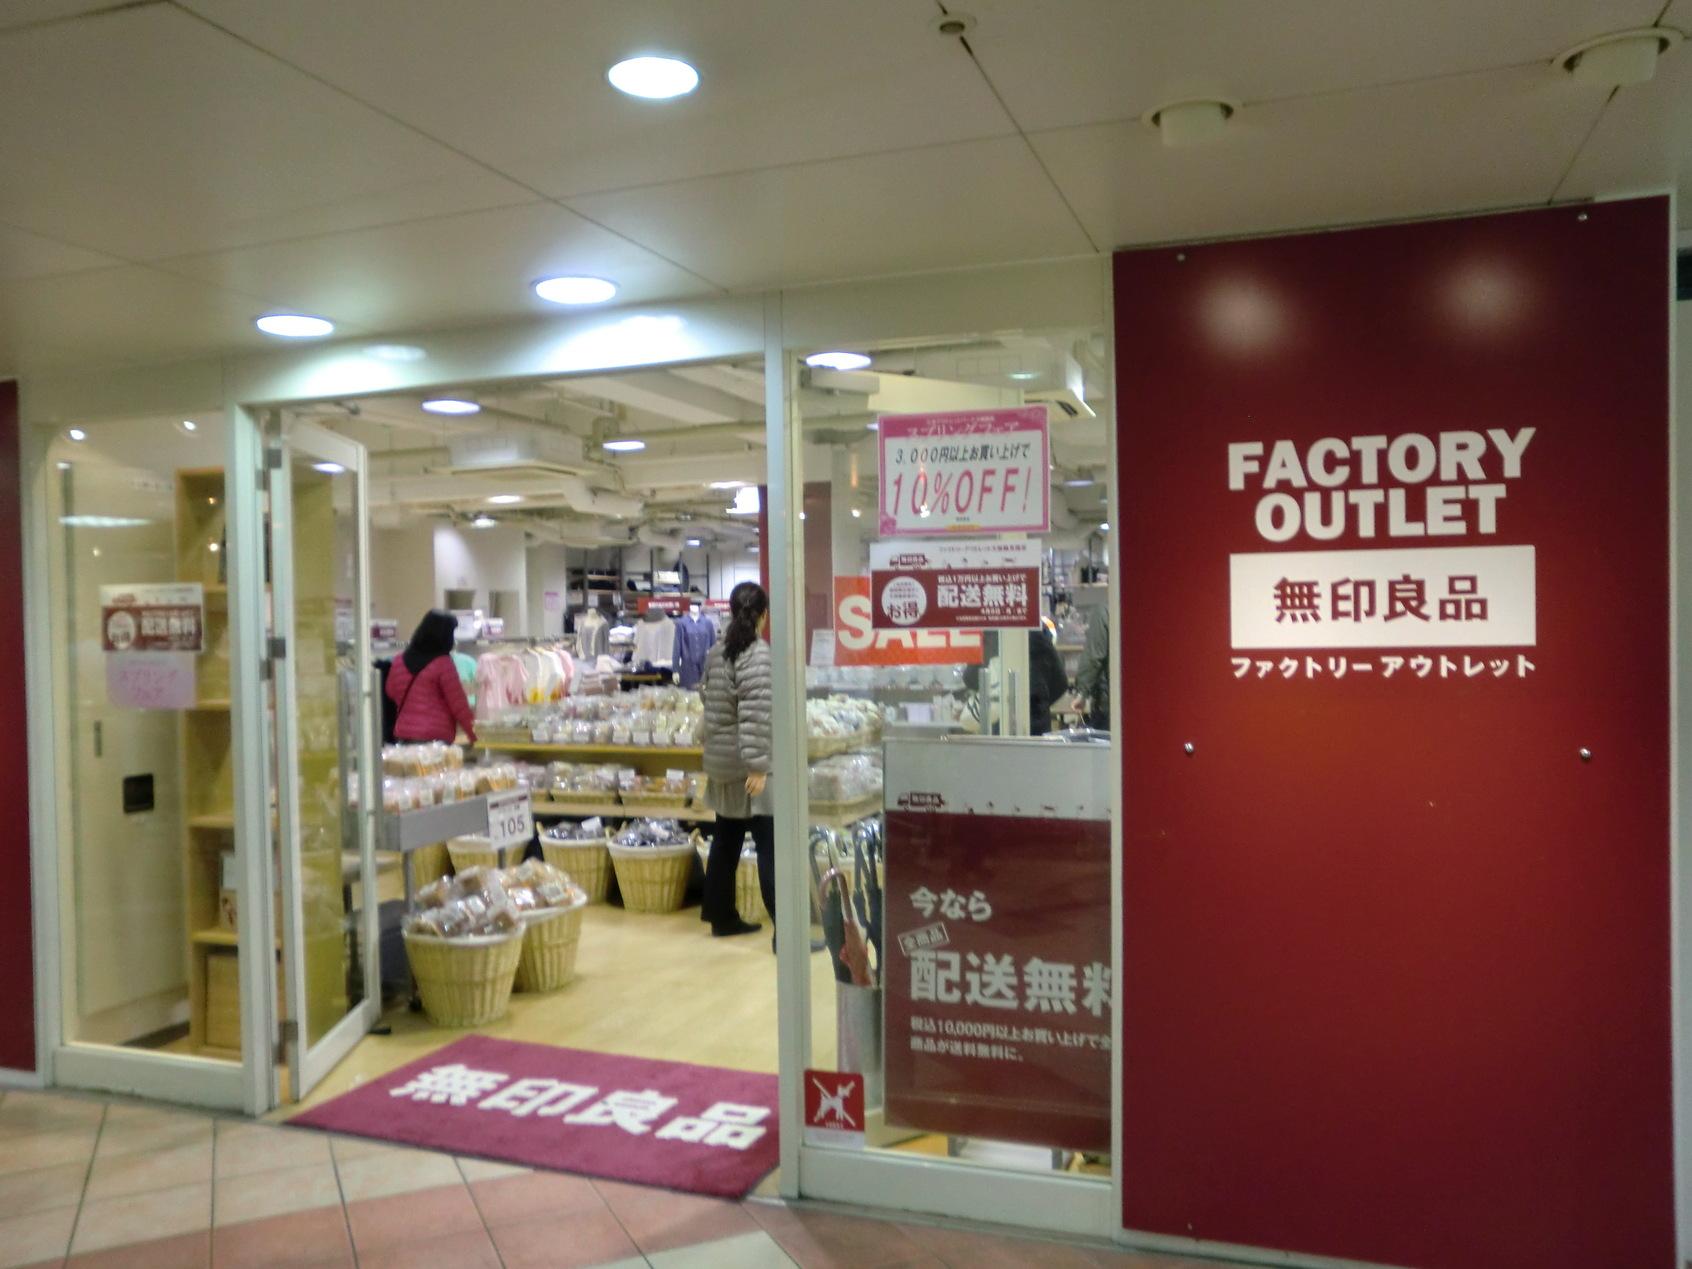 無印良品 ファクトリーアウトレット大阪鶴見店